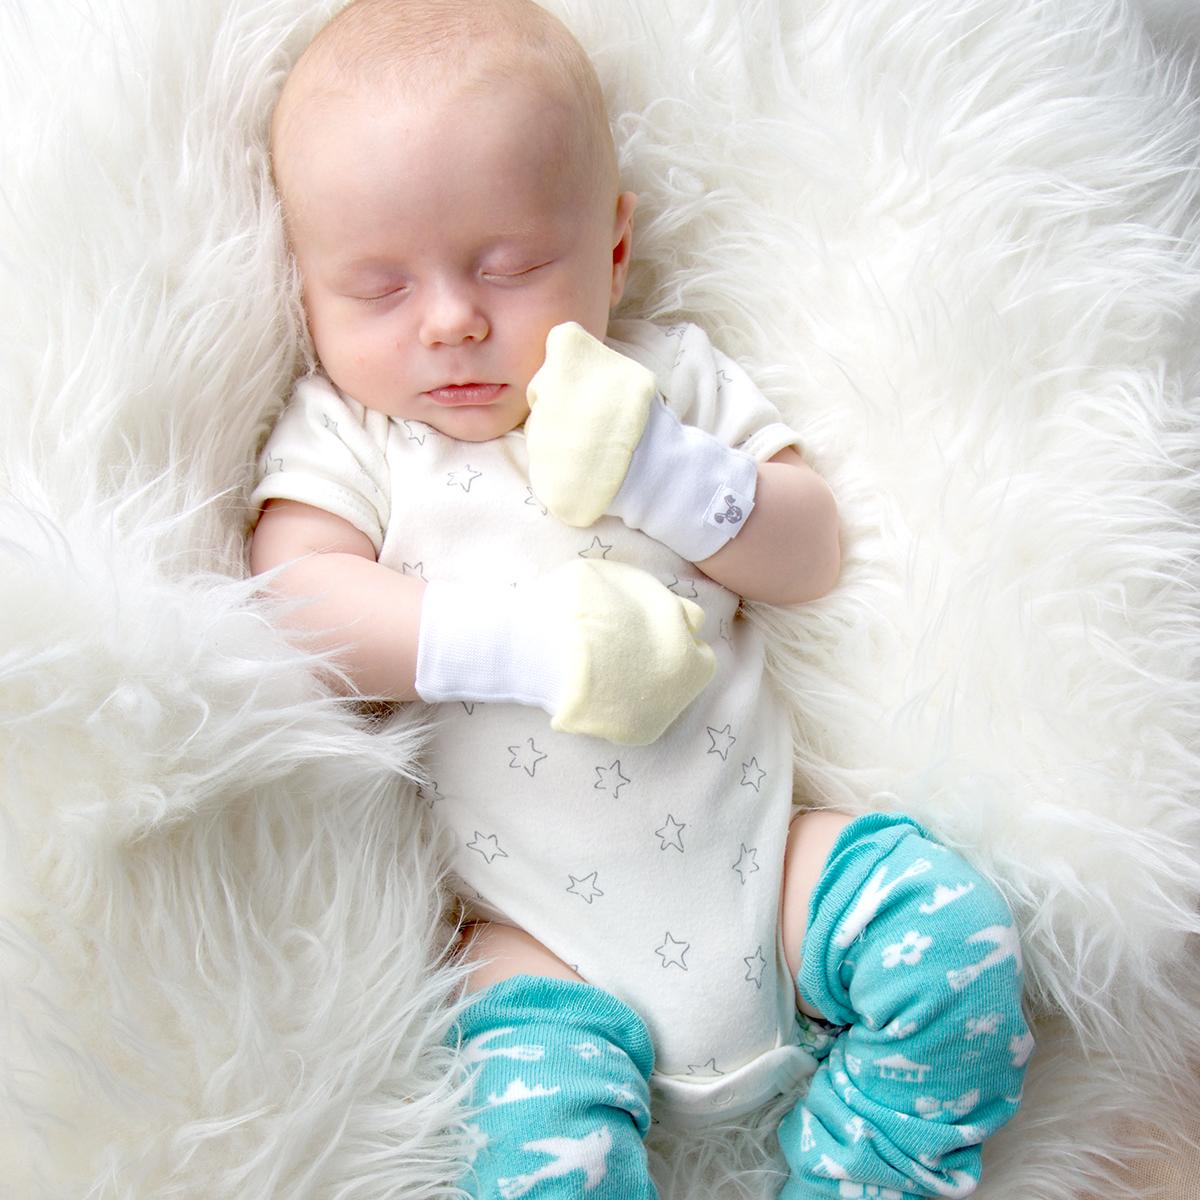 Một số bí quyết chăm sóc trẻ sơ sinh đúng cách-4